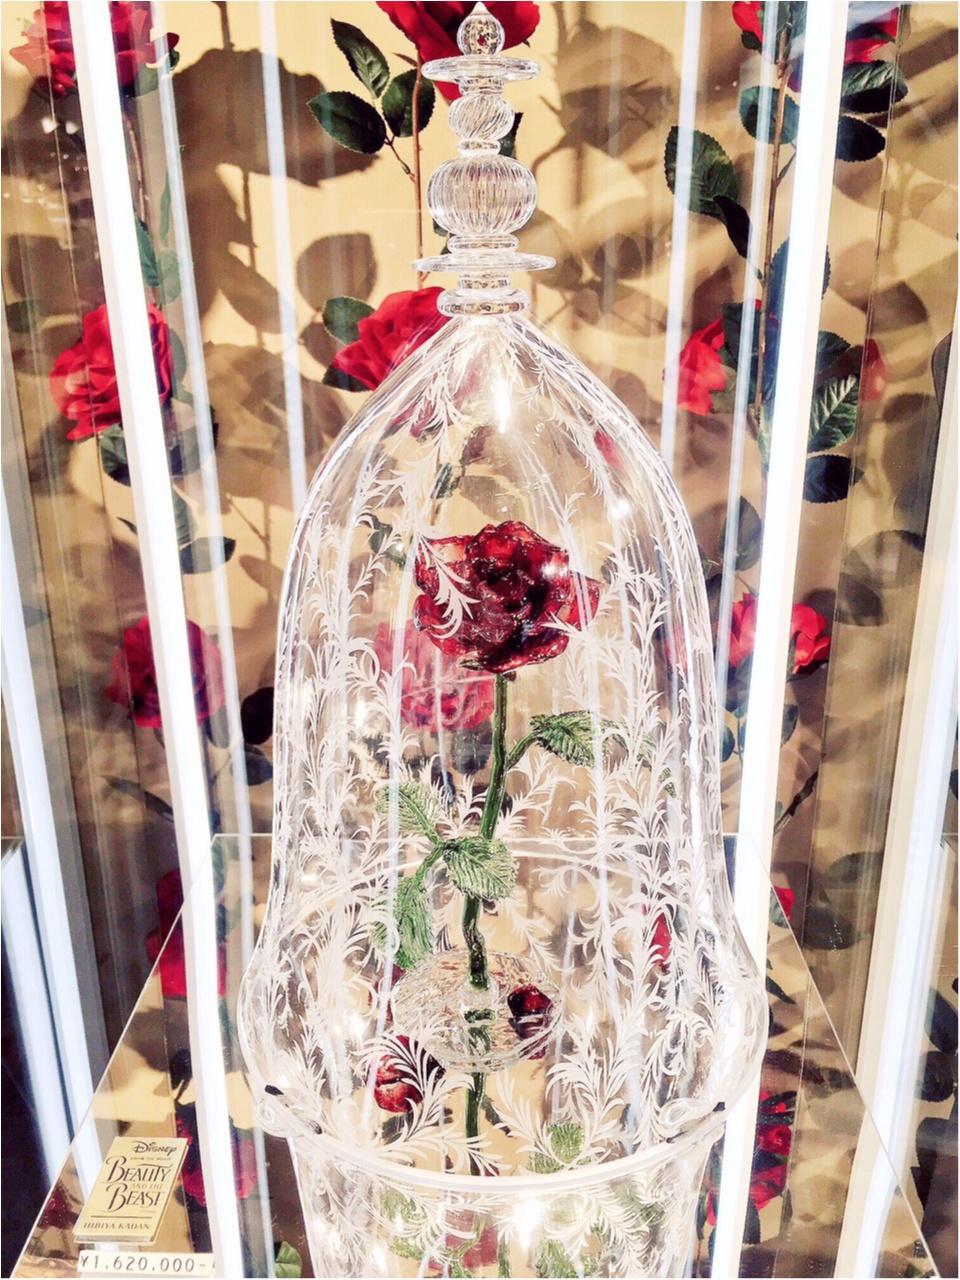 『美女と野獣』と伊勢丹展に行ってきました♡なんと、お値段◯◯◯万円のガラス製ローズドームの販売も…!_8